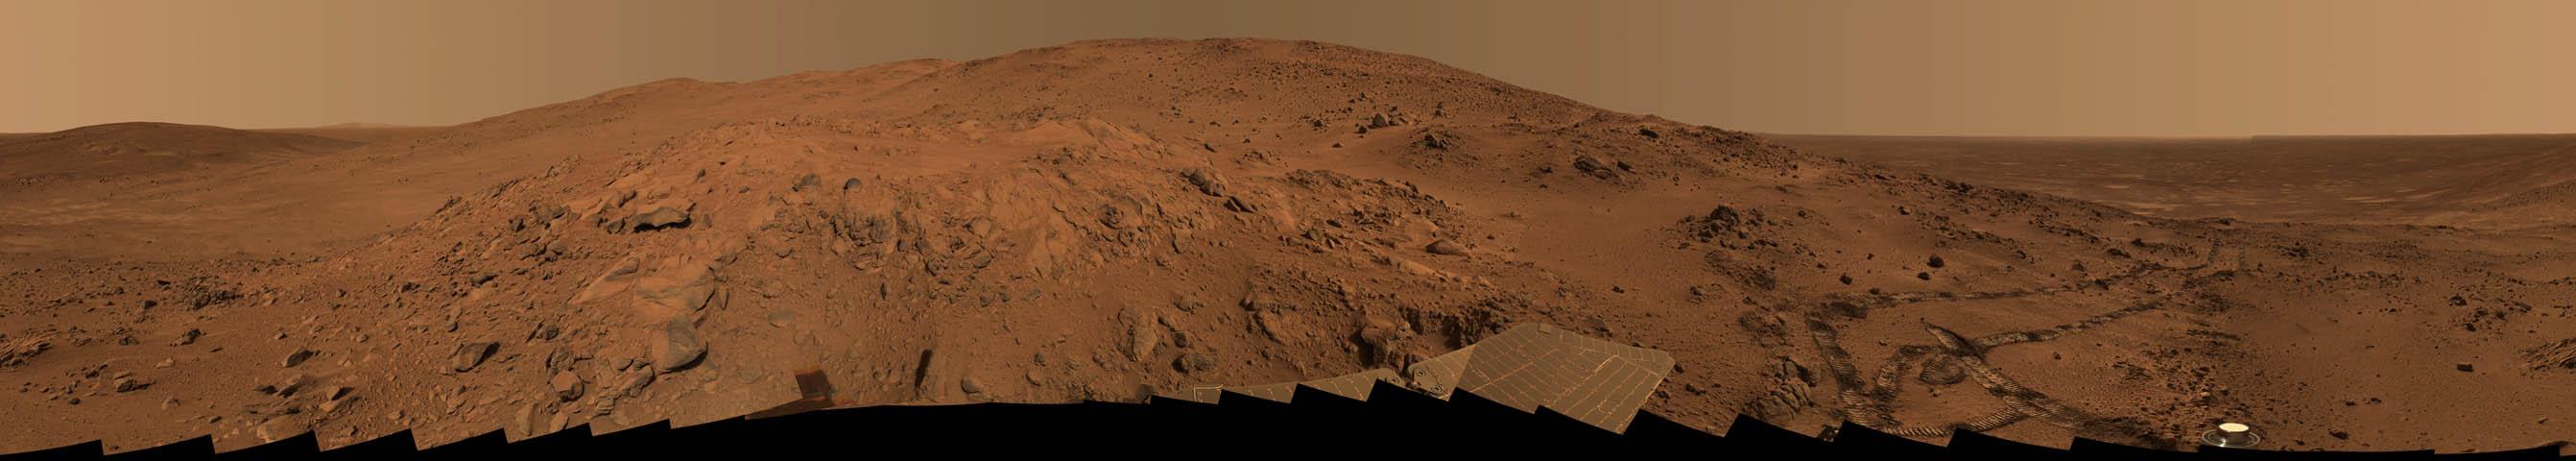 Un Panorama de Marte desde el Mirador de Larry